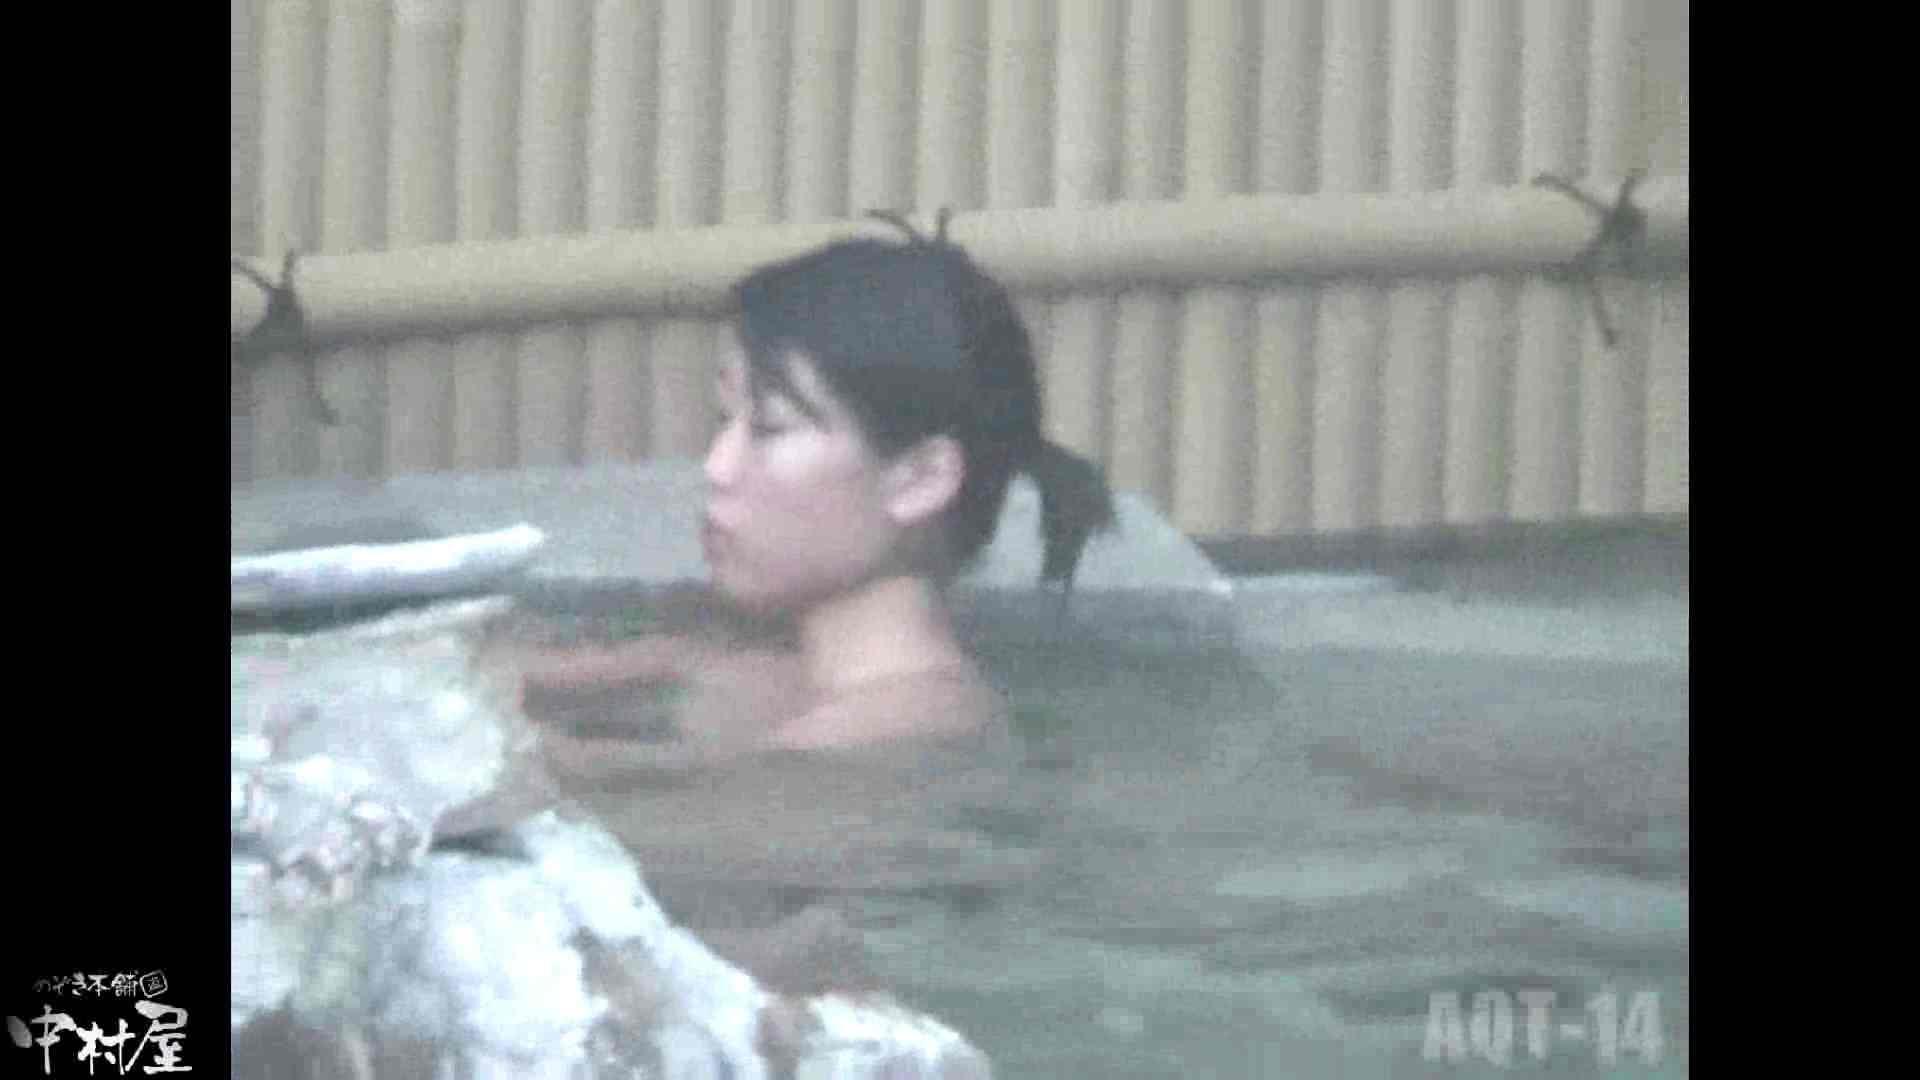 Aquaな露天風呂Vol.878潜入盗撮露天風呂十四判湯 其の一 盗撮シリーズ  79PIX 15